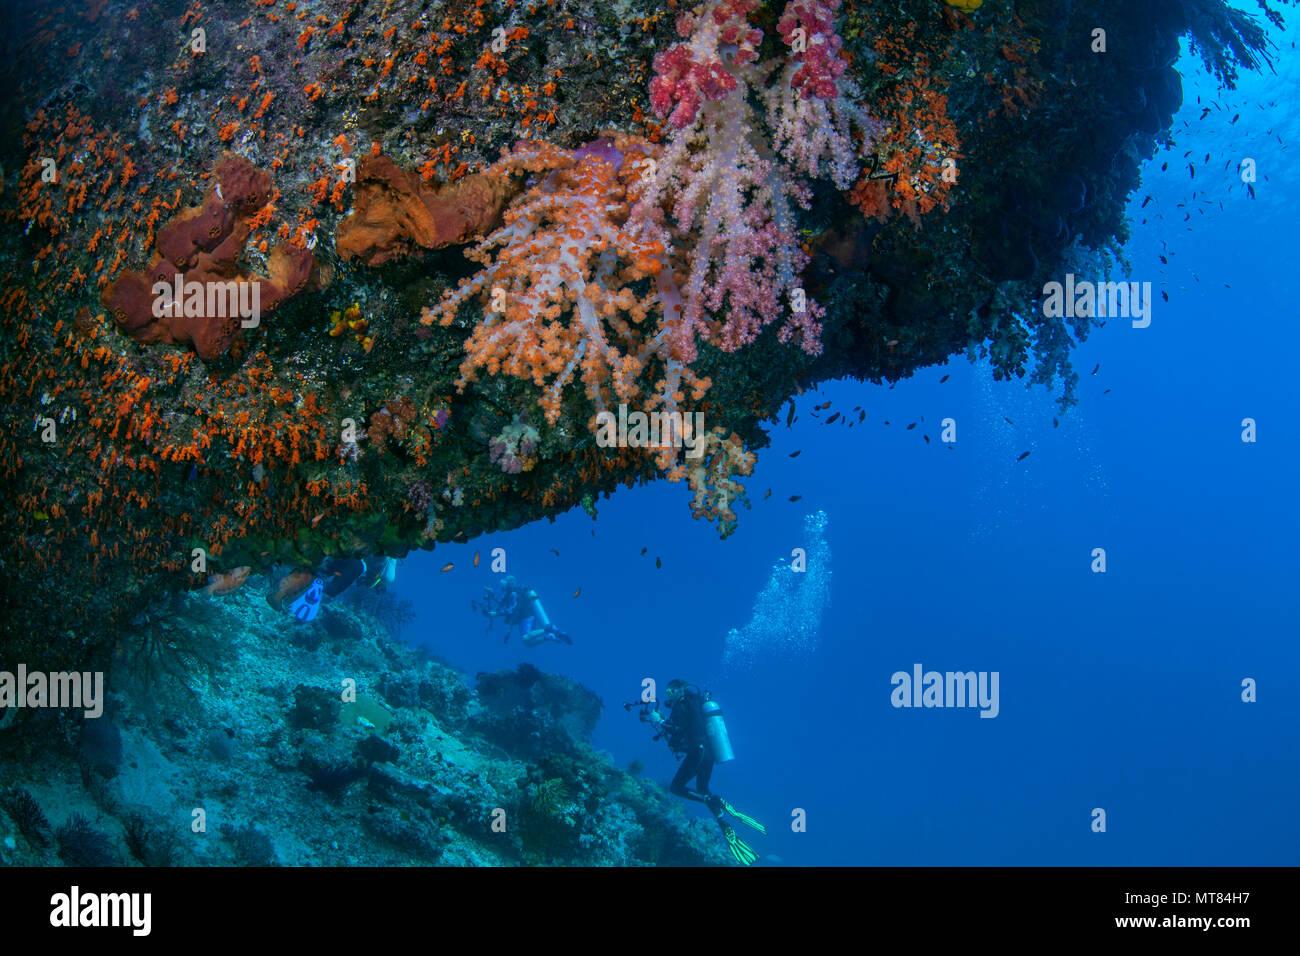 Los submarinistas exploran pared de coral con corales blandos en cornisa en primer plano. Raja Ampat, Indonesia. Foto de stock